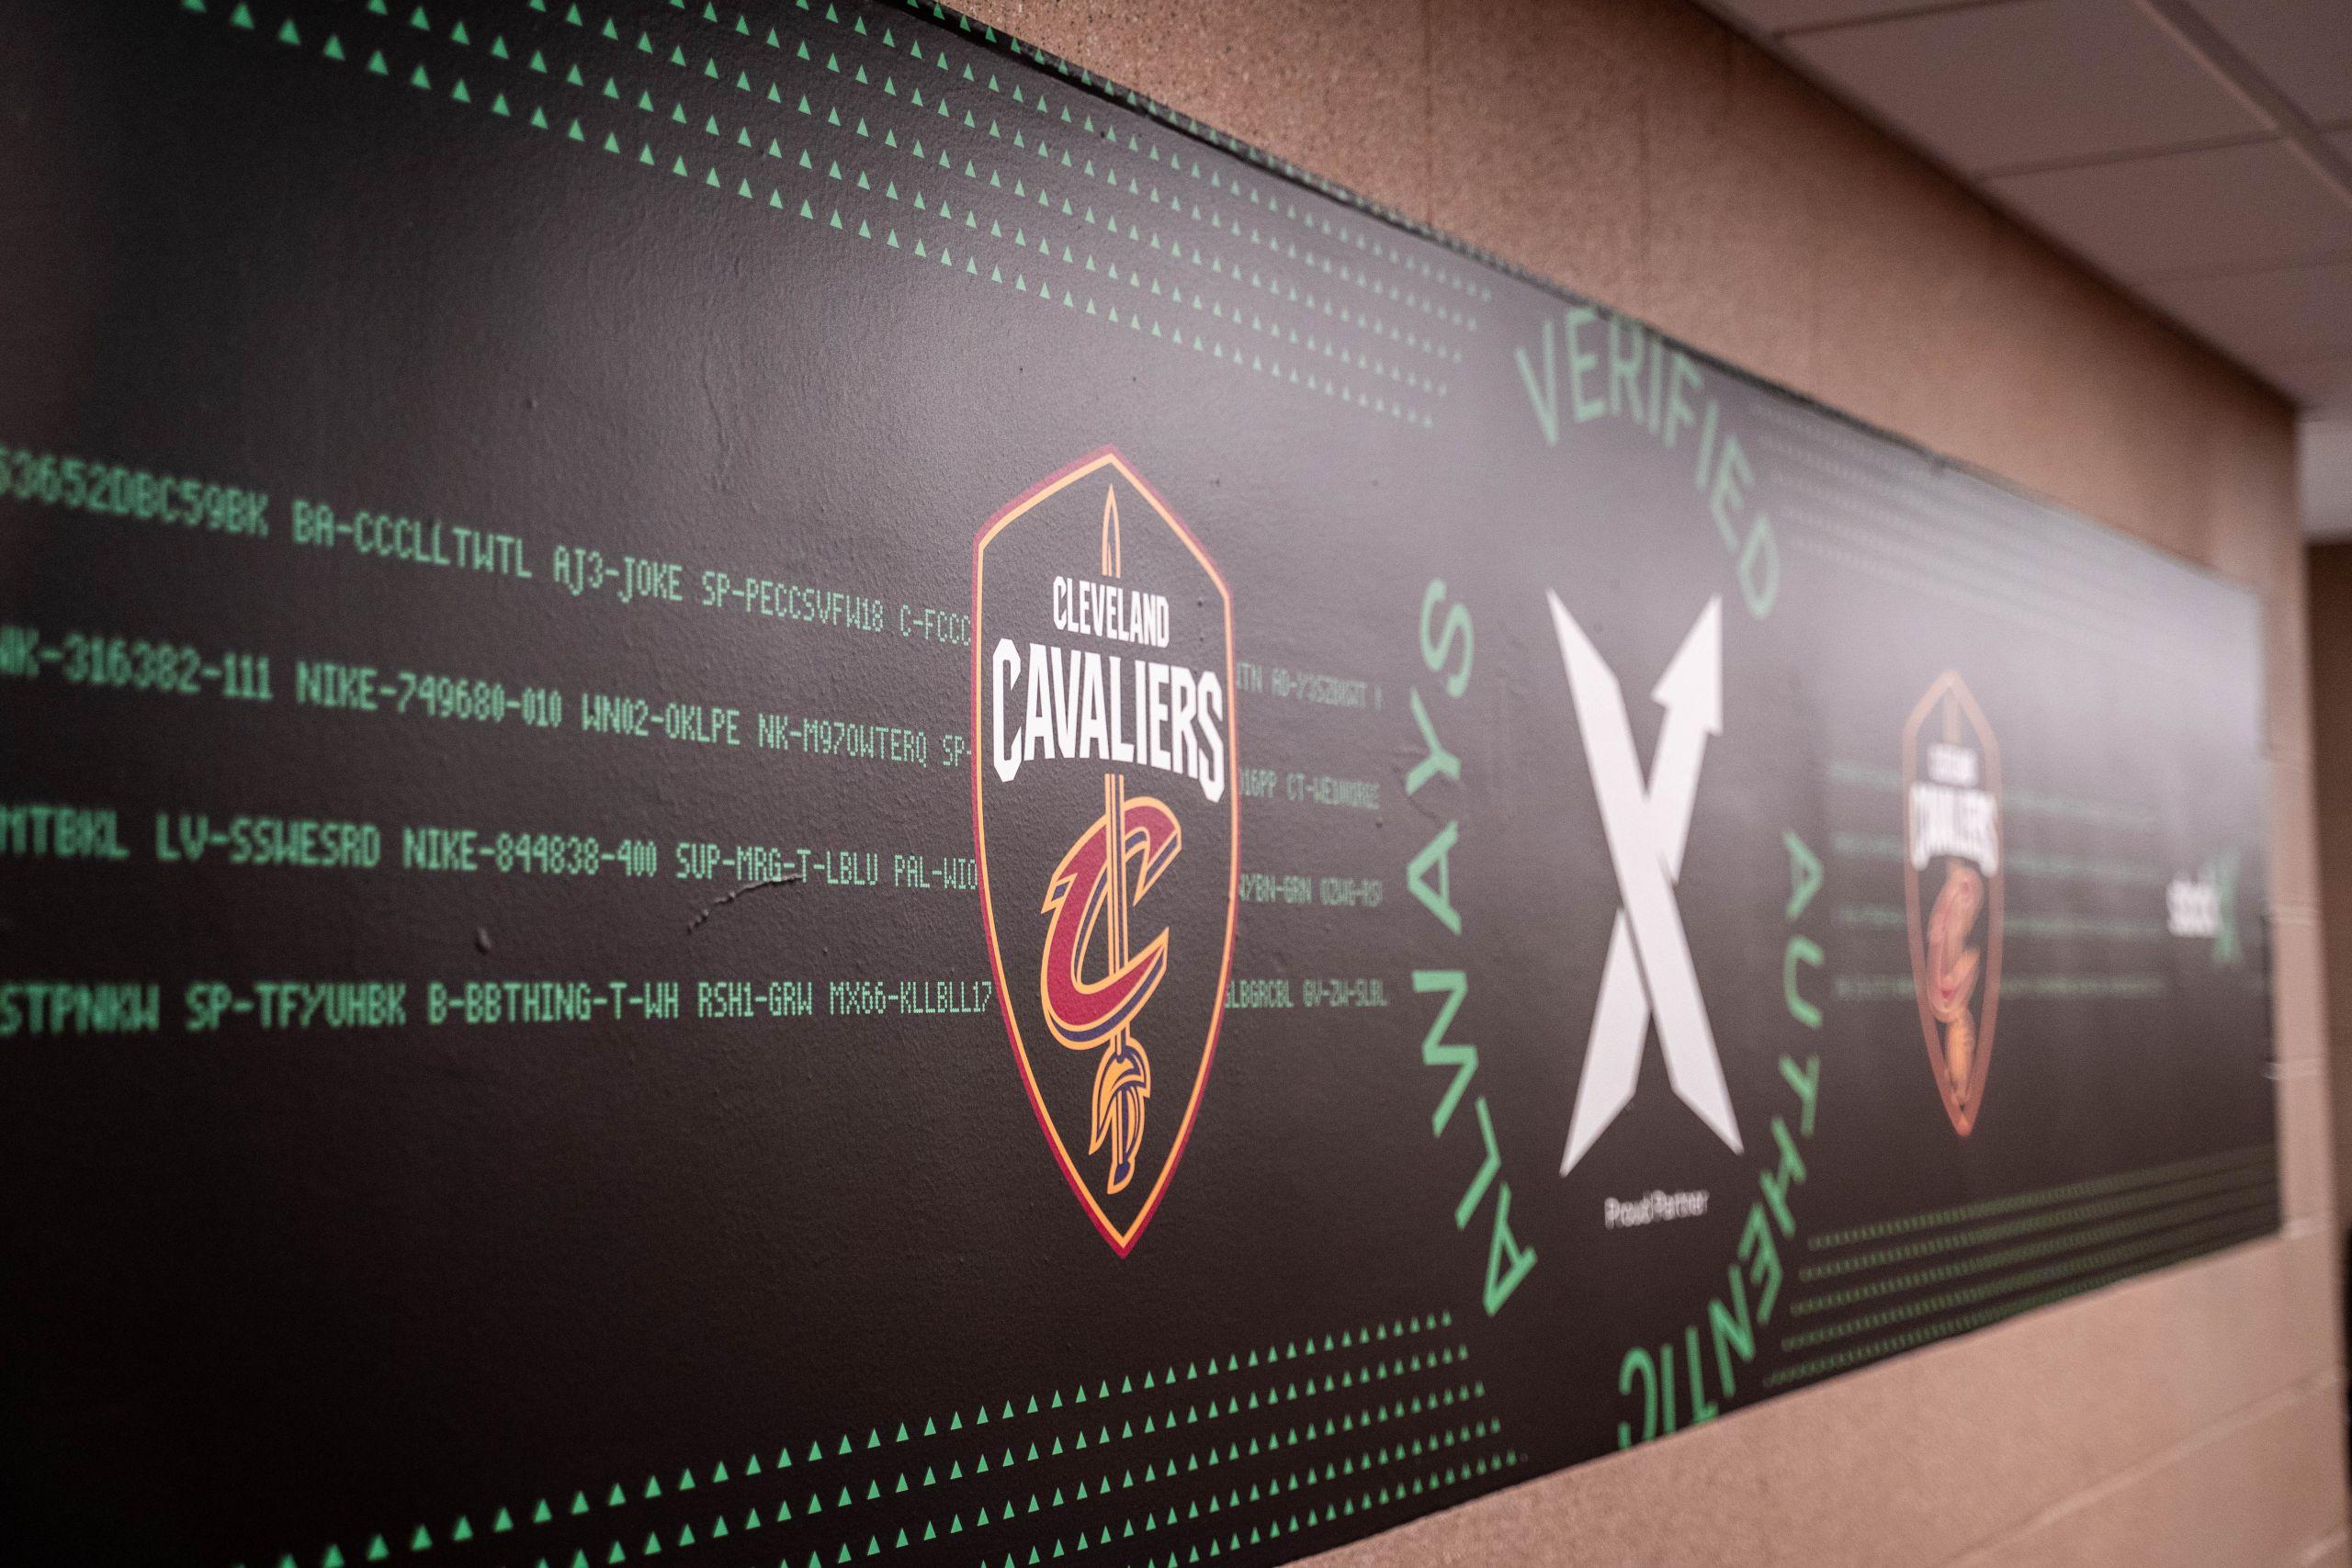 stockx-cavaliers-partnership